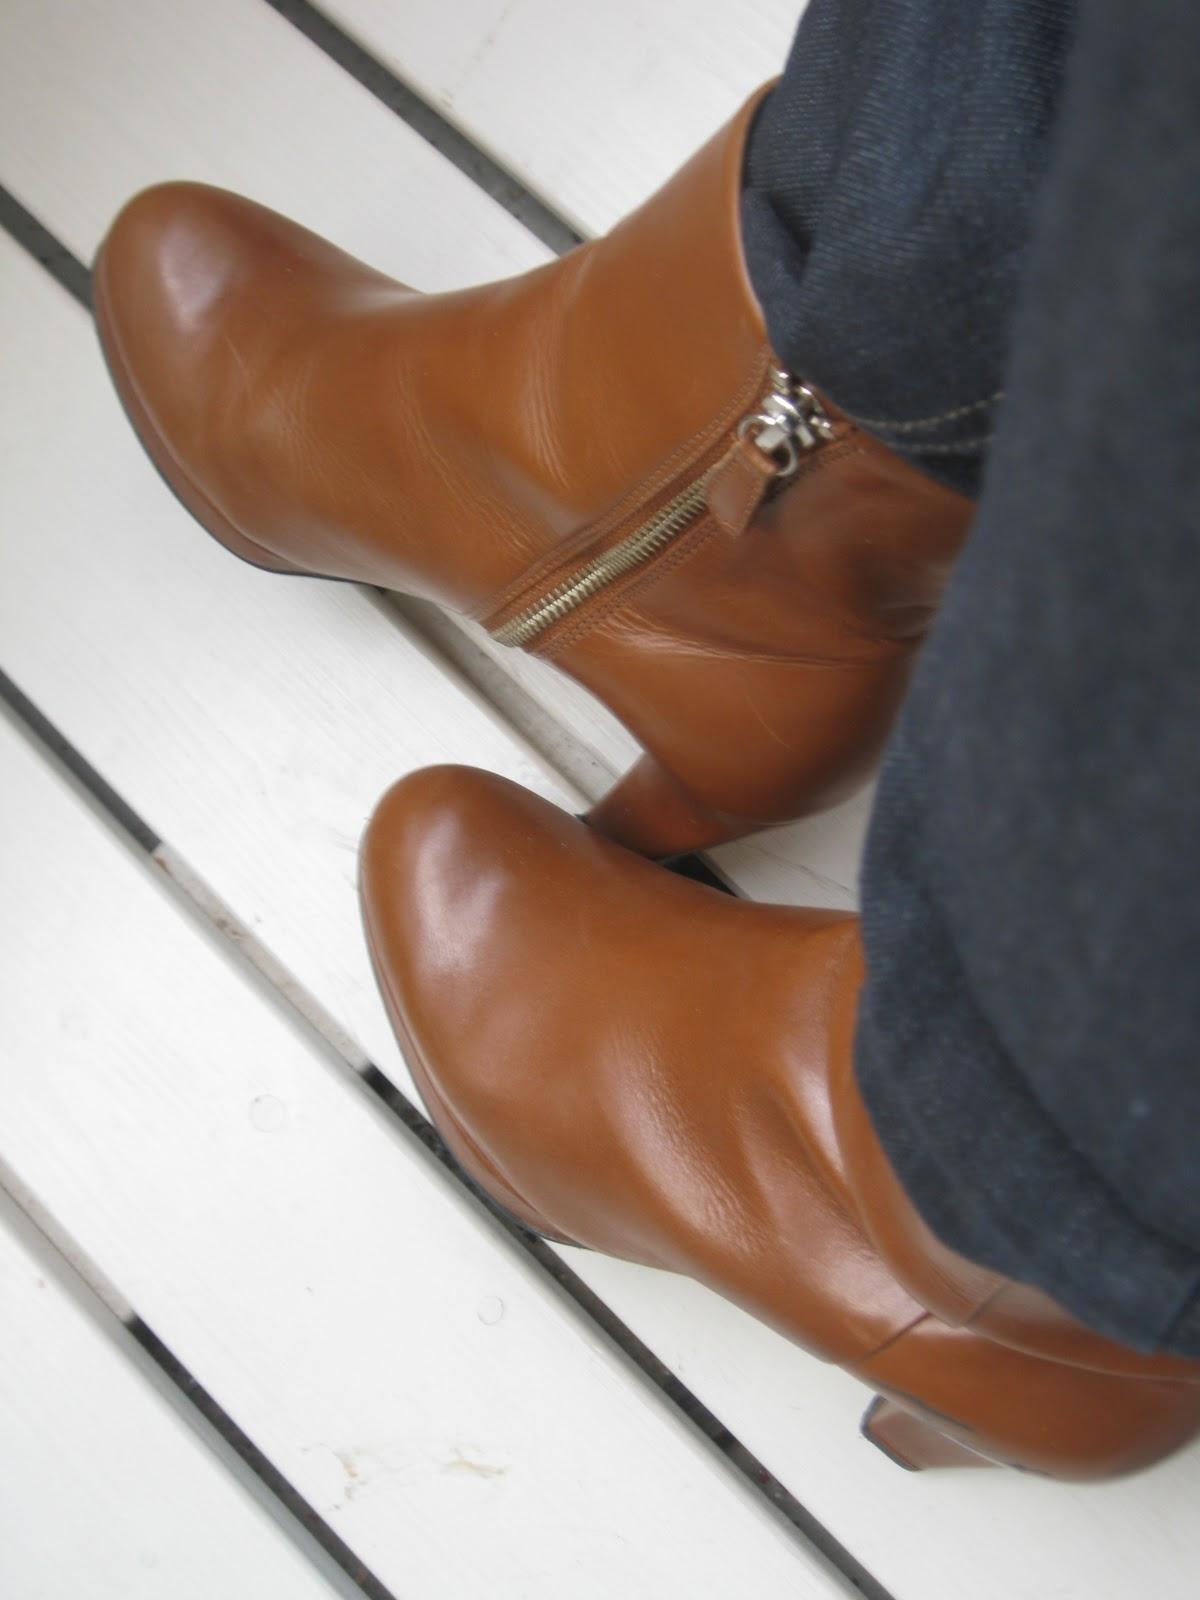 ruskeat kengät mustan puvun kanssa Savonlinna